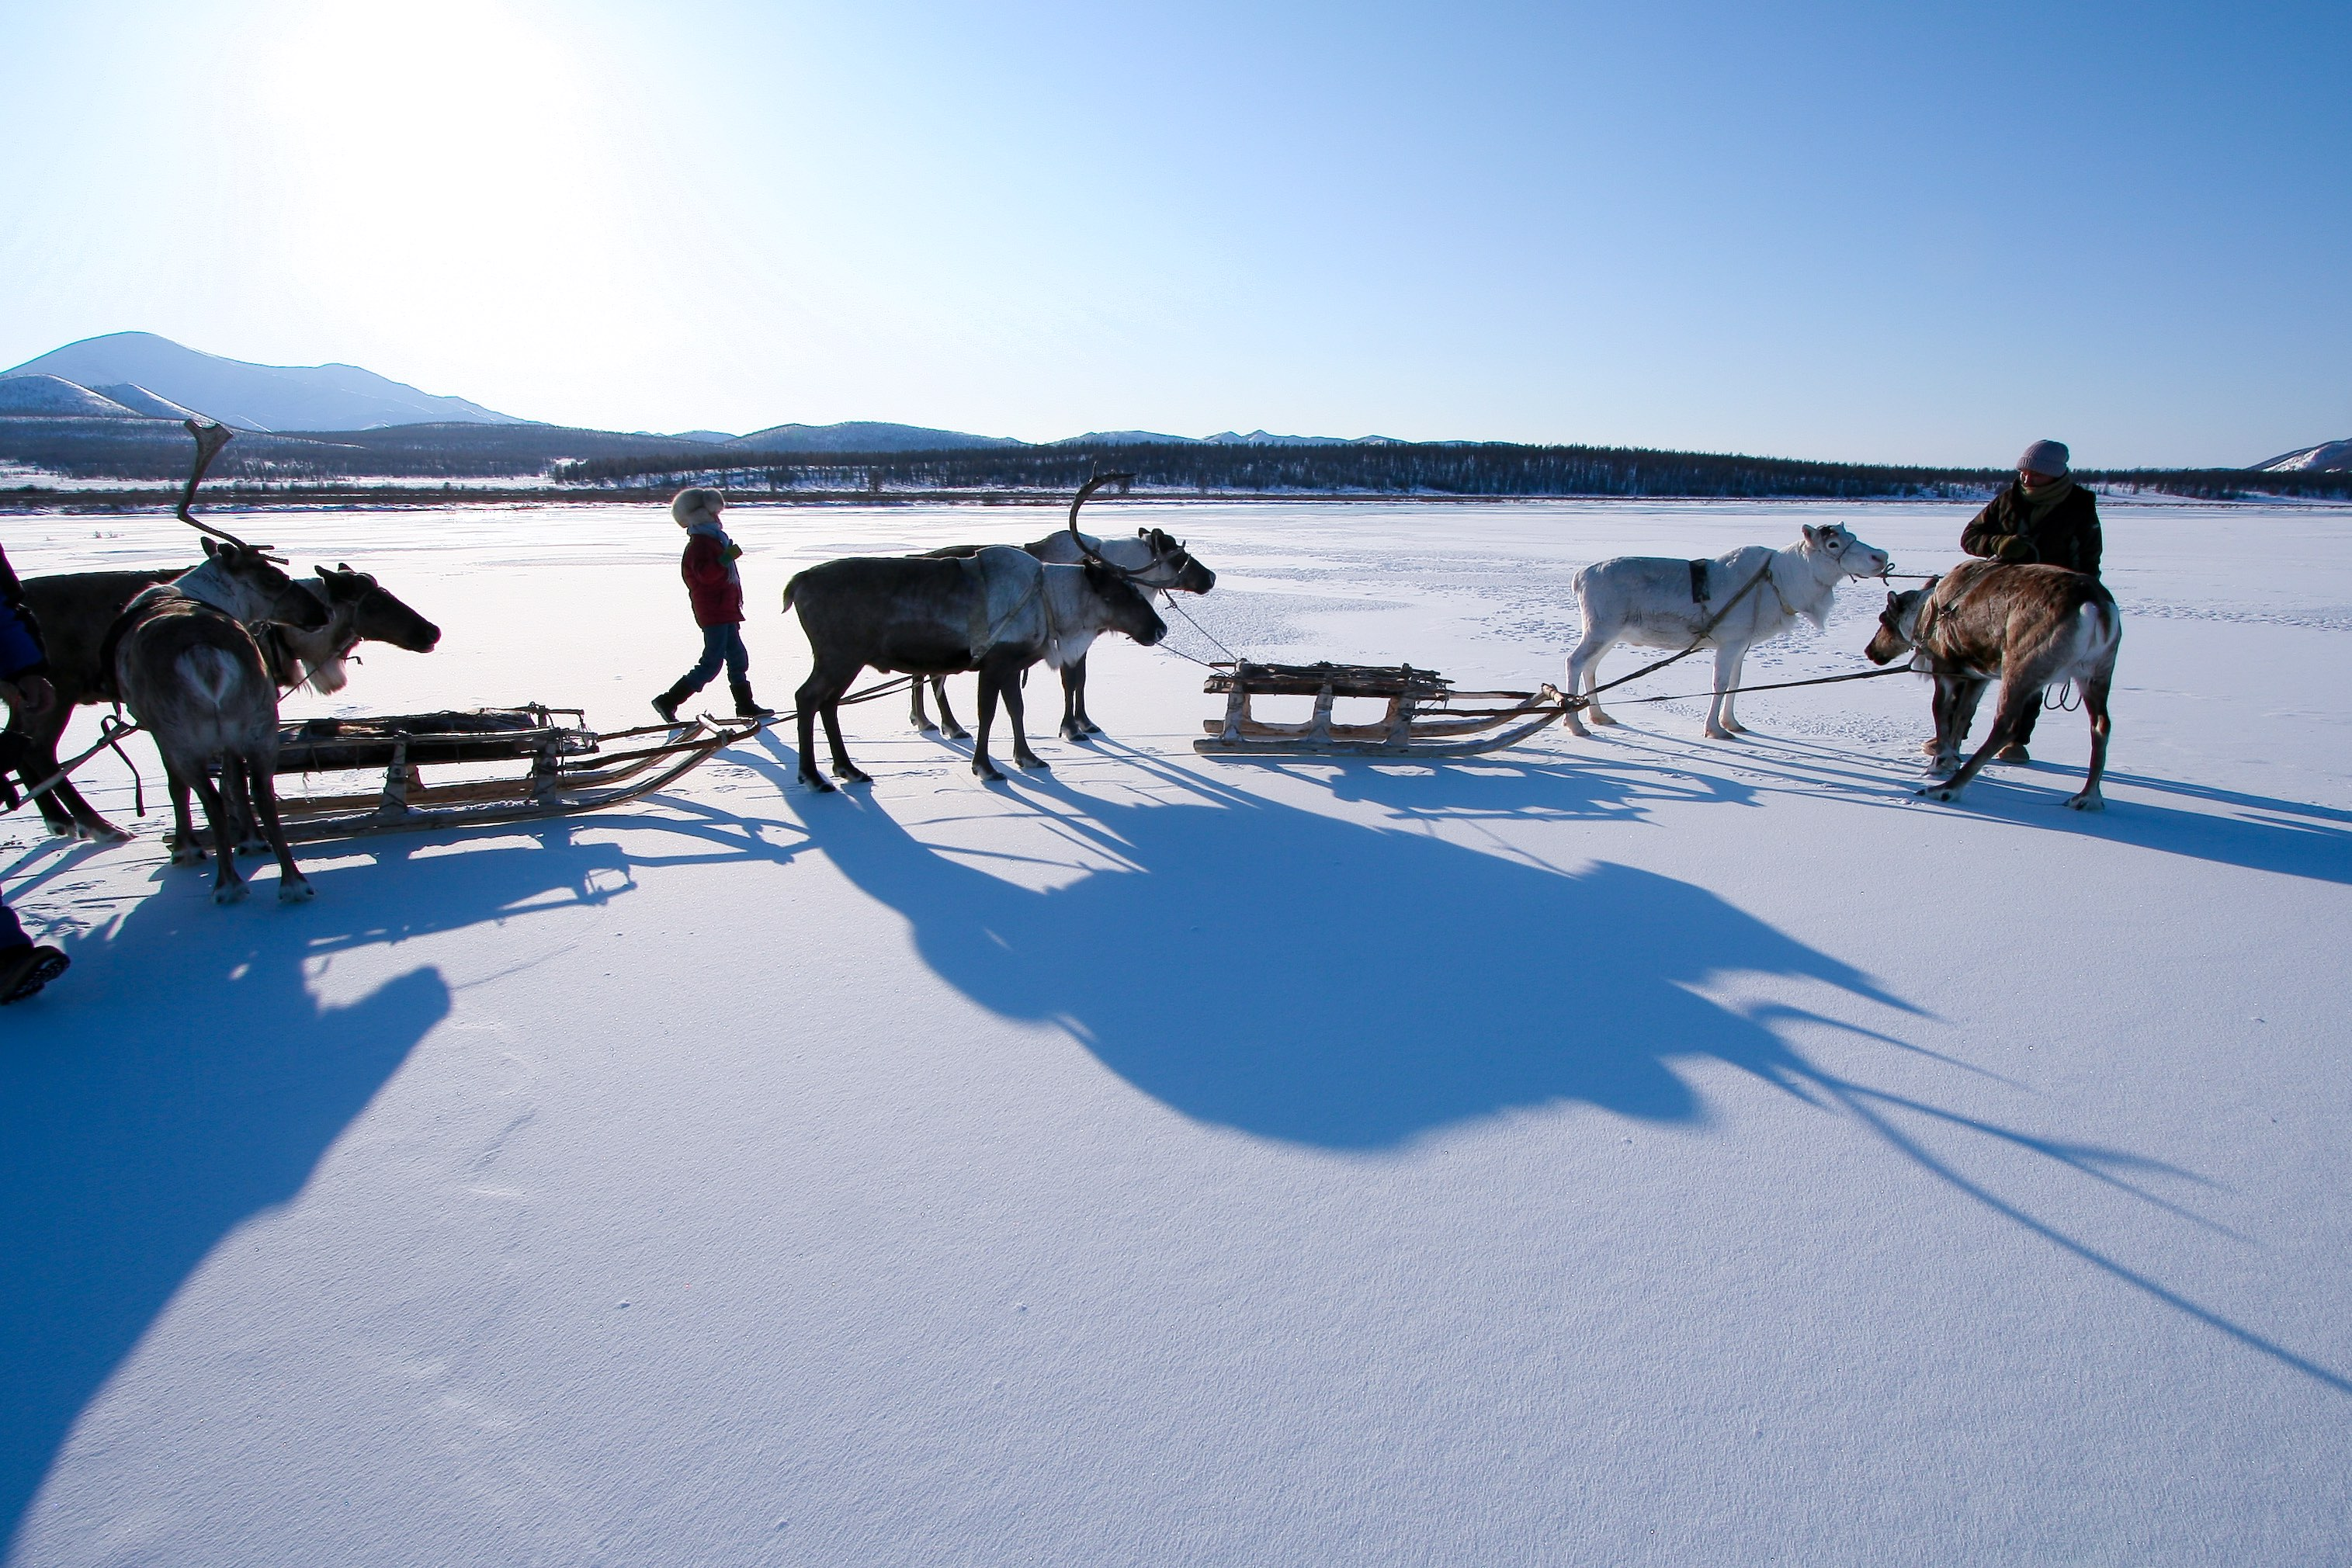 トナカイ橇で移動する兄妹